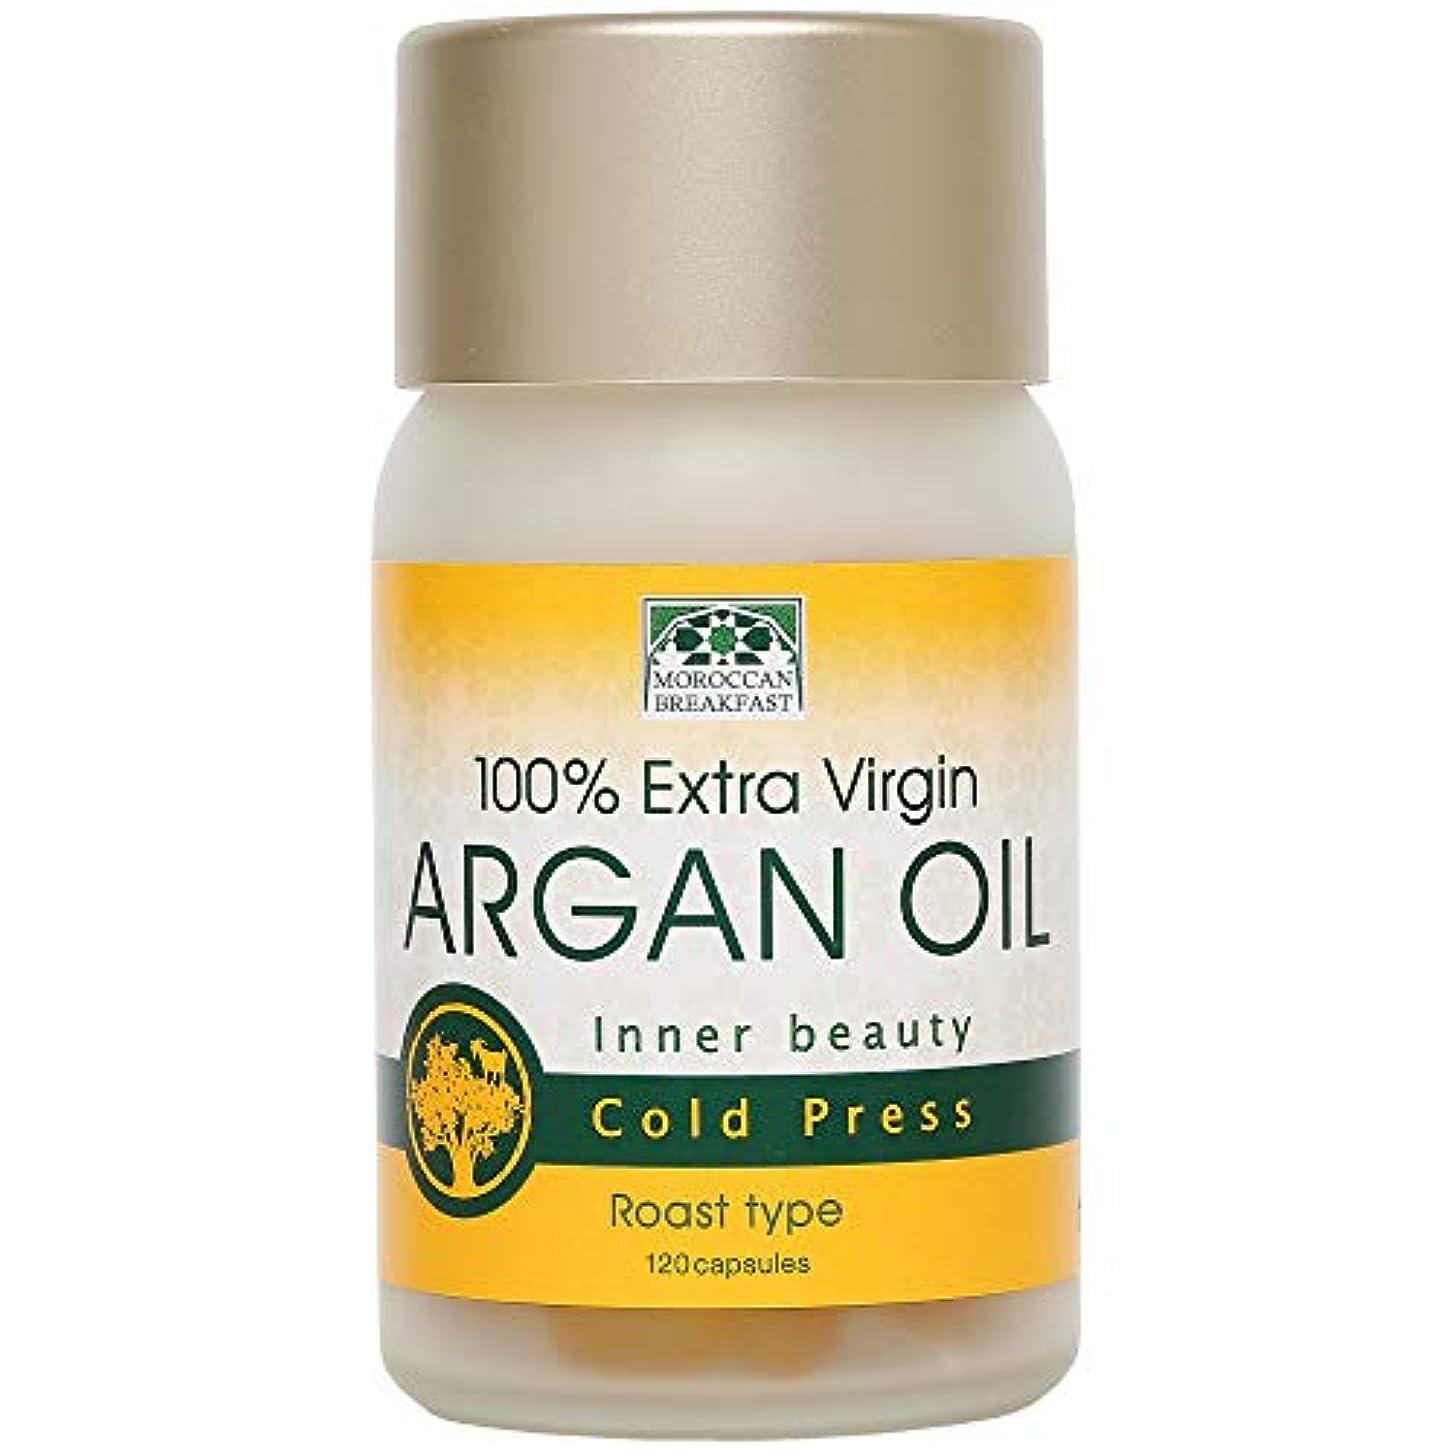 生き返らせるエラー半導体モロッコの朝食 食べるアルガンオイル(100%一番搾りアルガンオイル使用?1日4粒で約1ヶ月分)